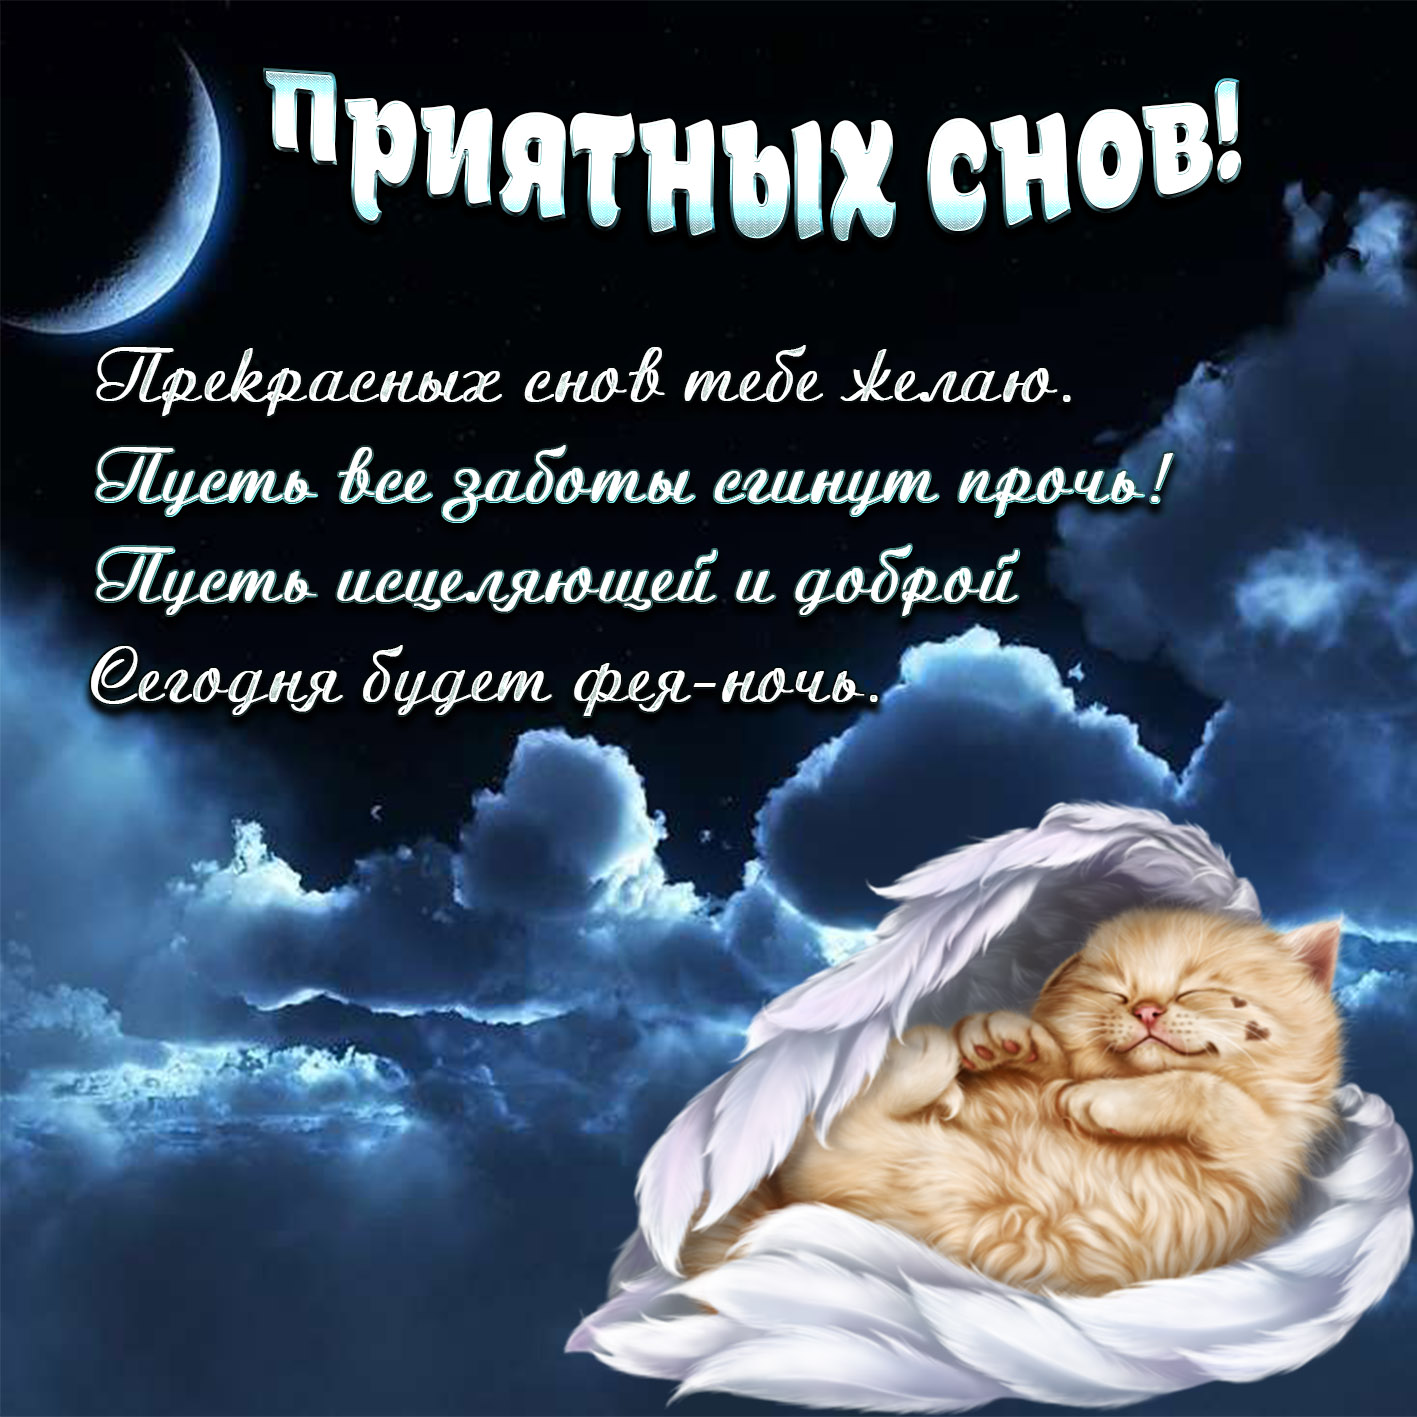 Открытки любимой девушке спокойной ночи с котами